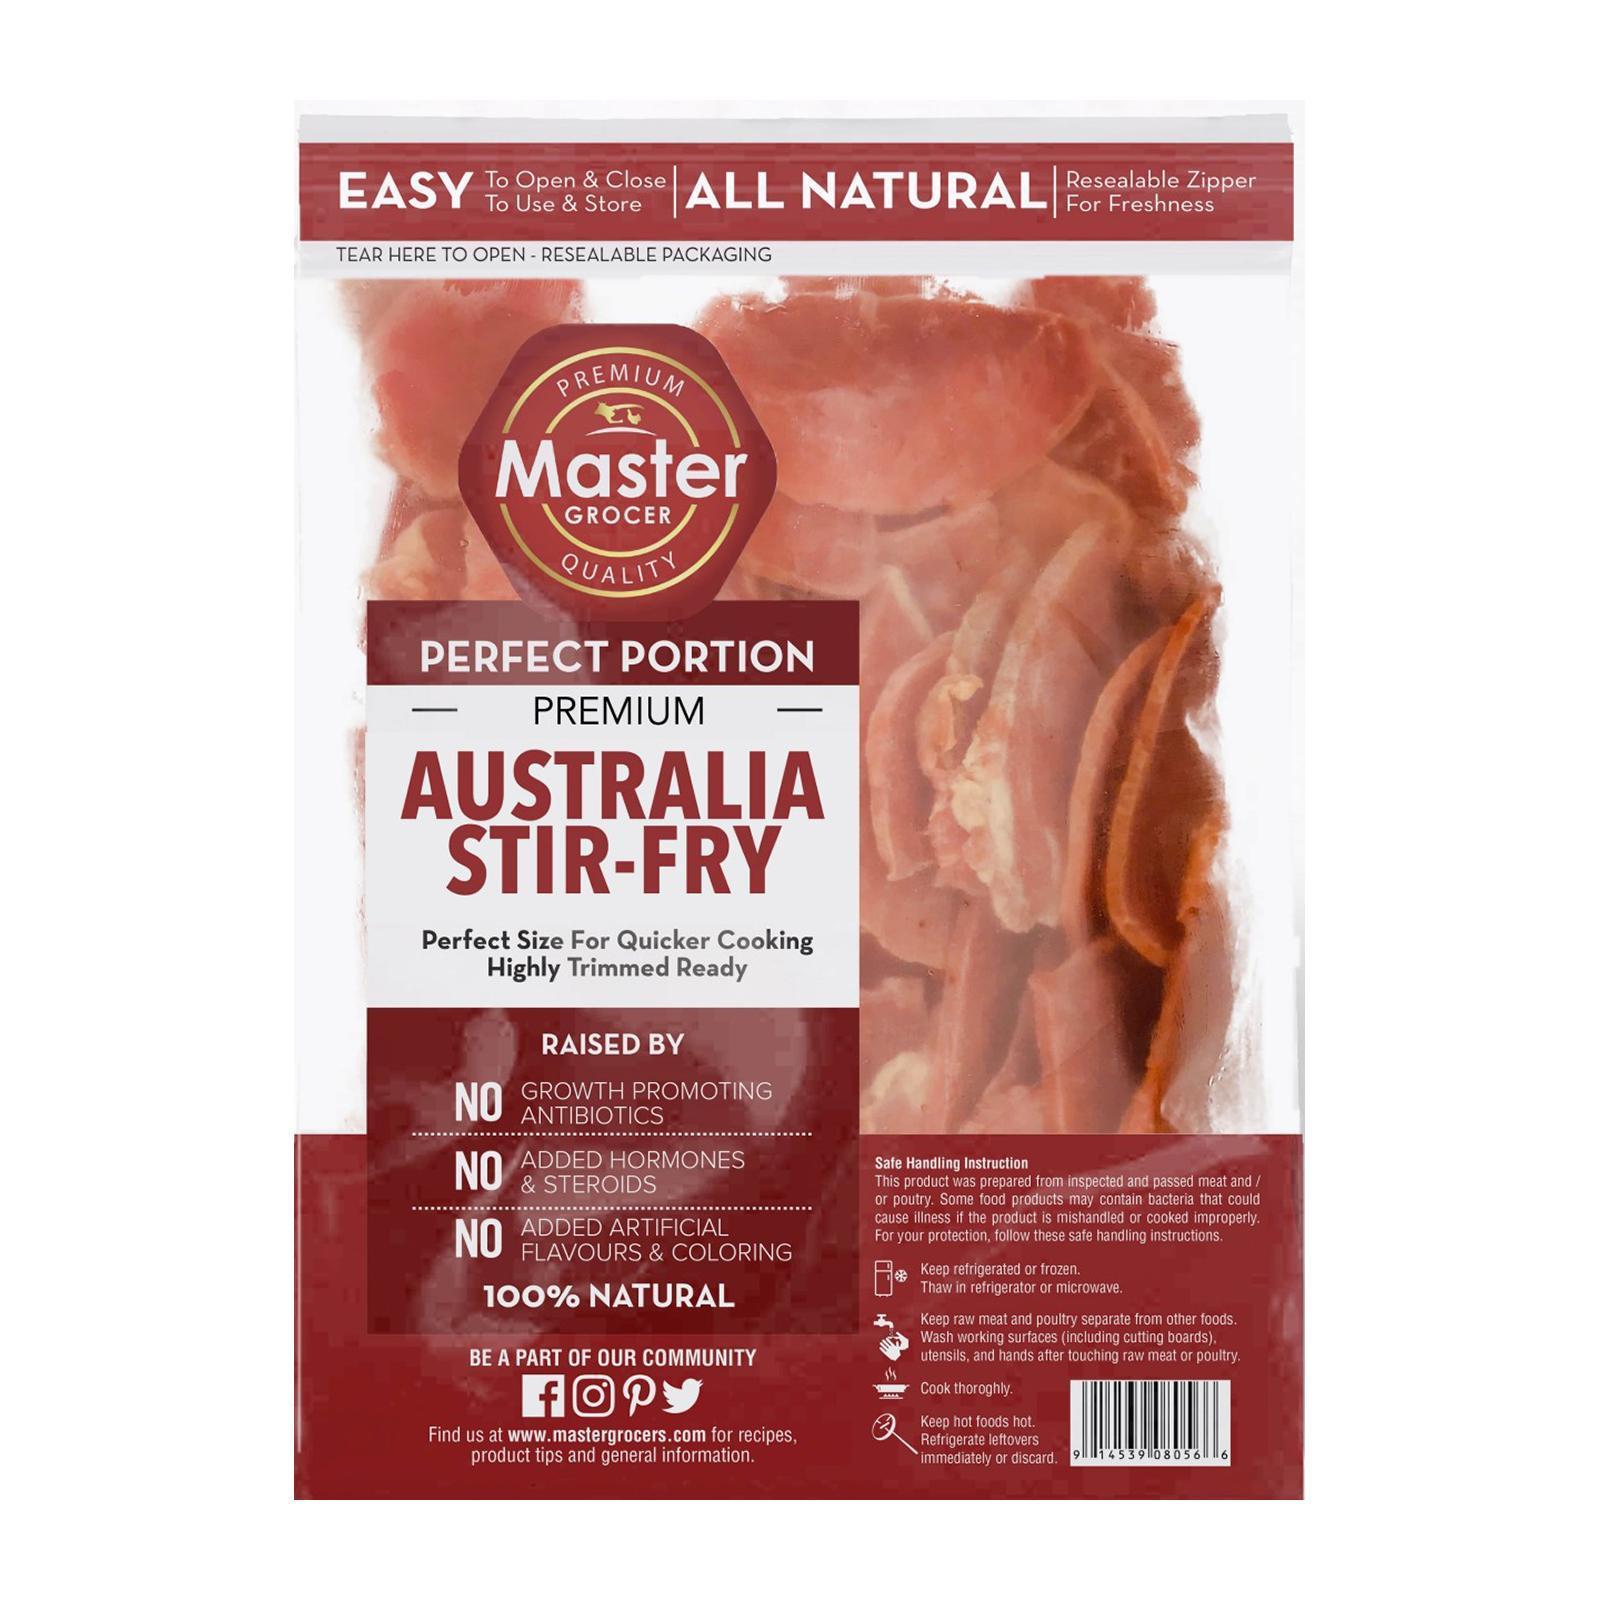 Master Grocer Australia Premium Beef Stir Fry - Frozen